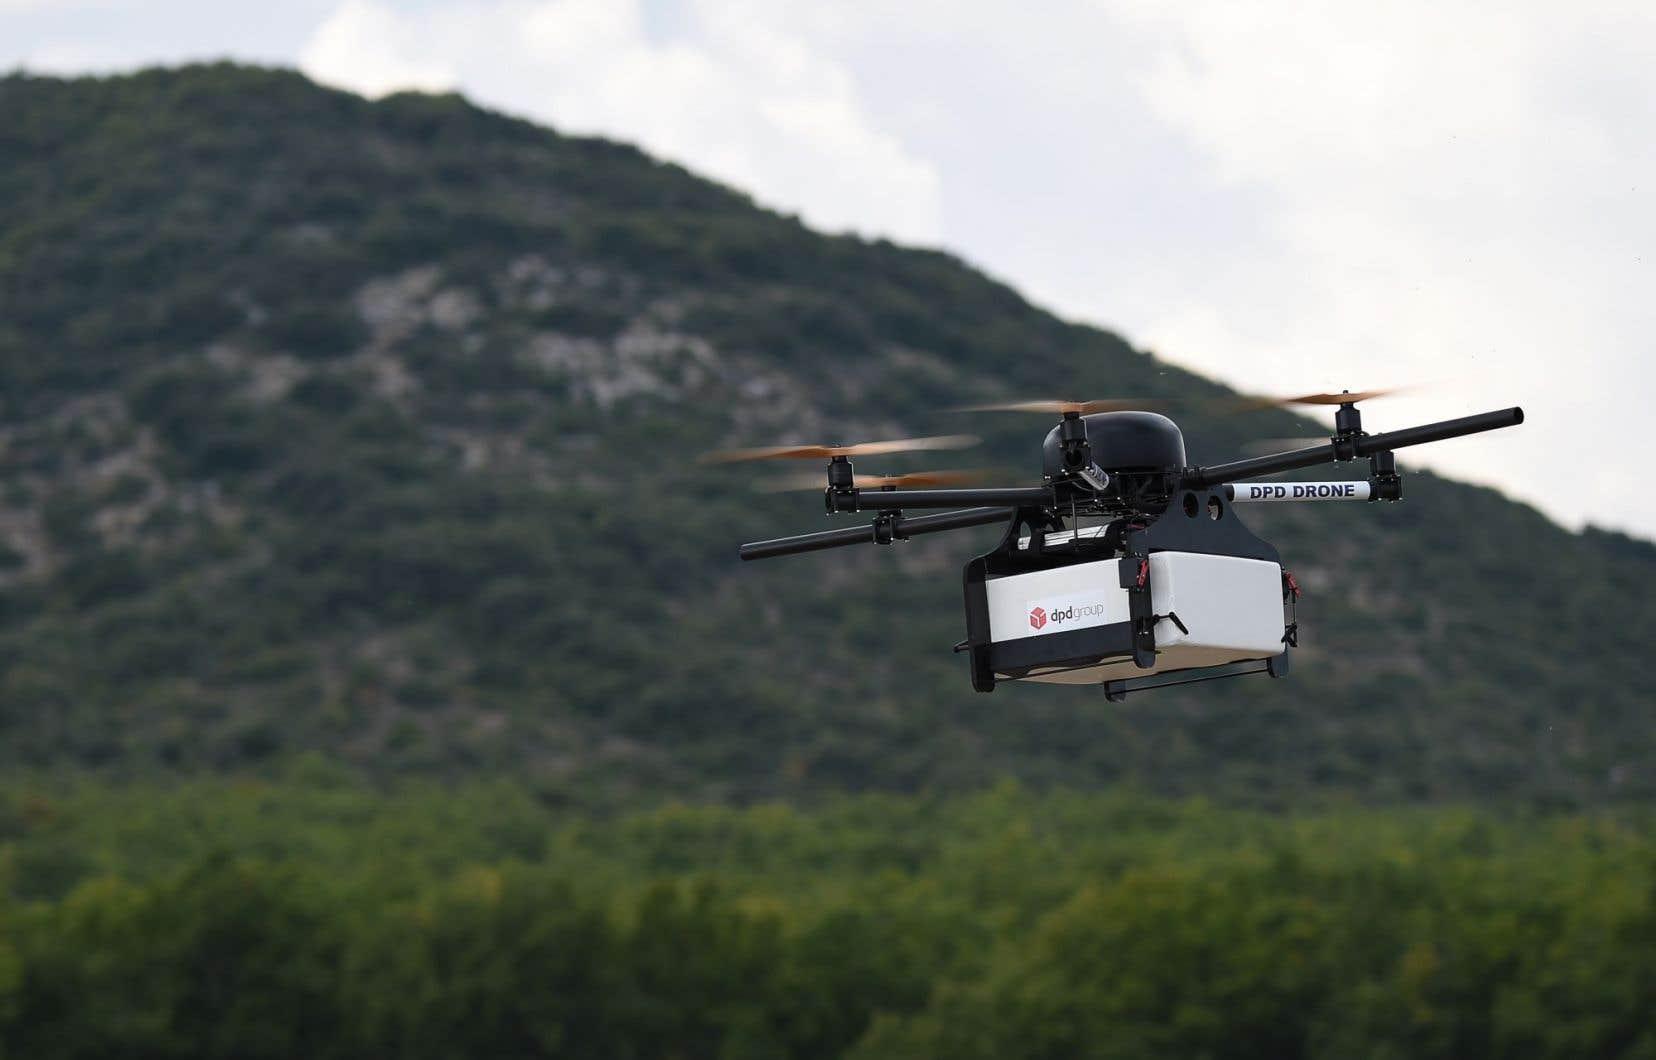 C'est encore l'imagination, pour l'instant, qui répond aux questions de proche avenir sur la livraison de livres par drone.